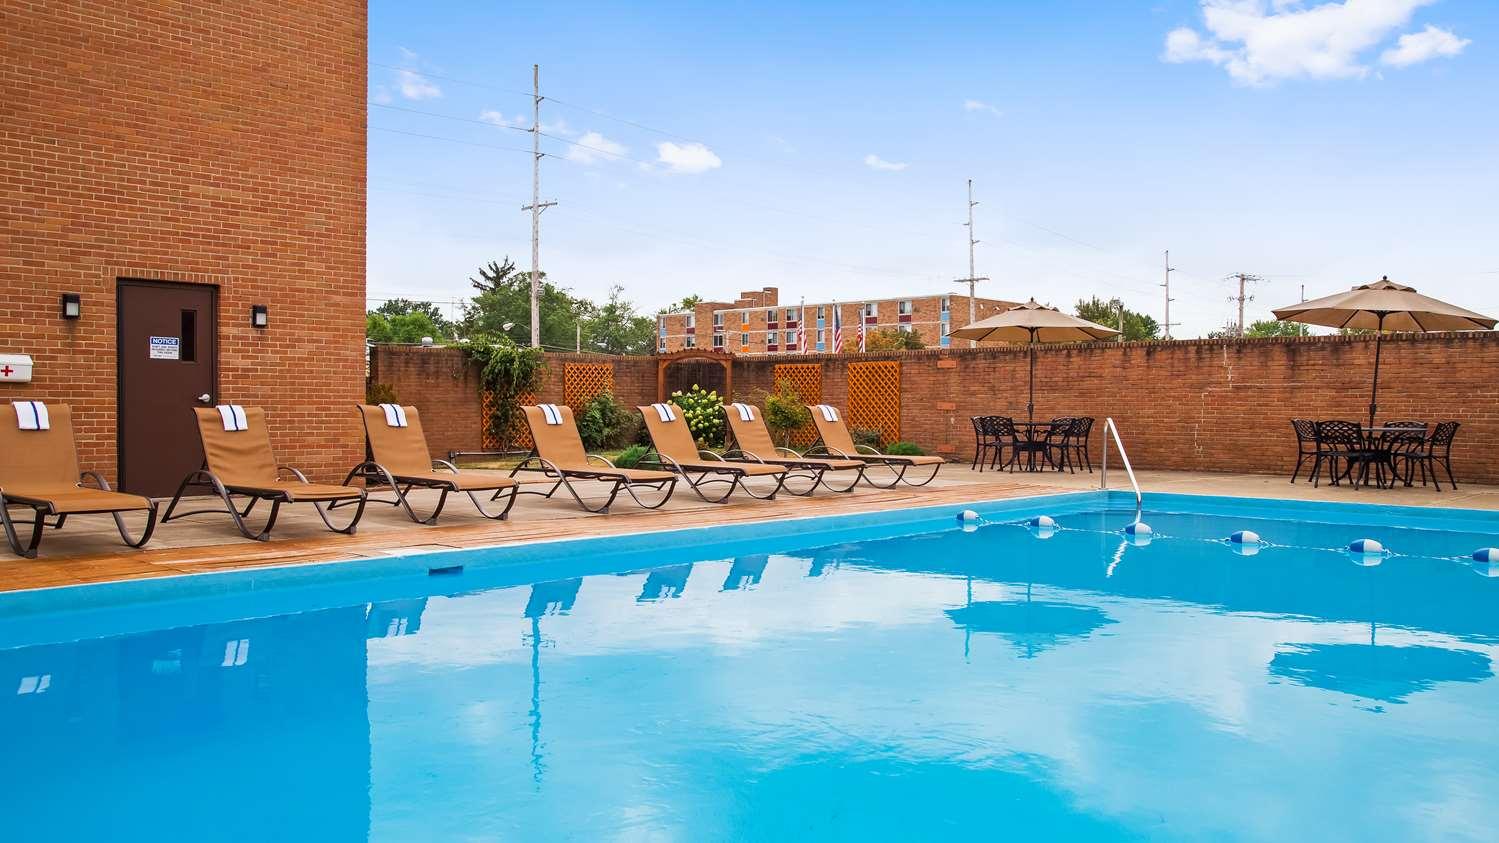 Pool - Best Western Hotel Wooster